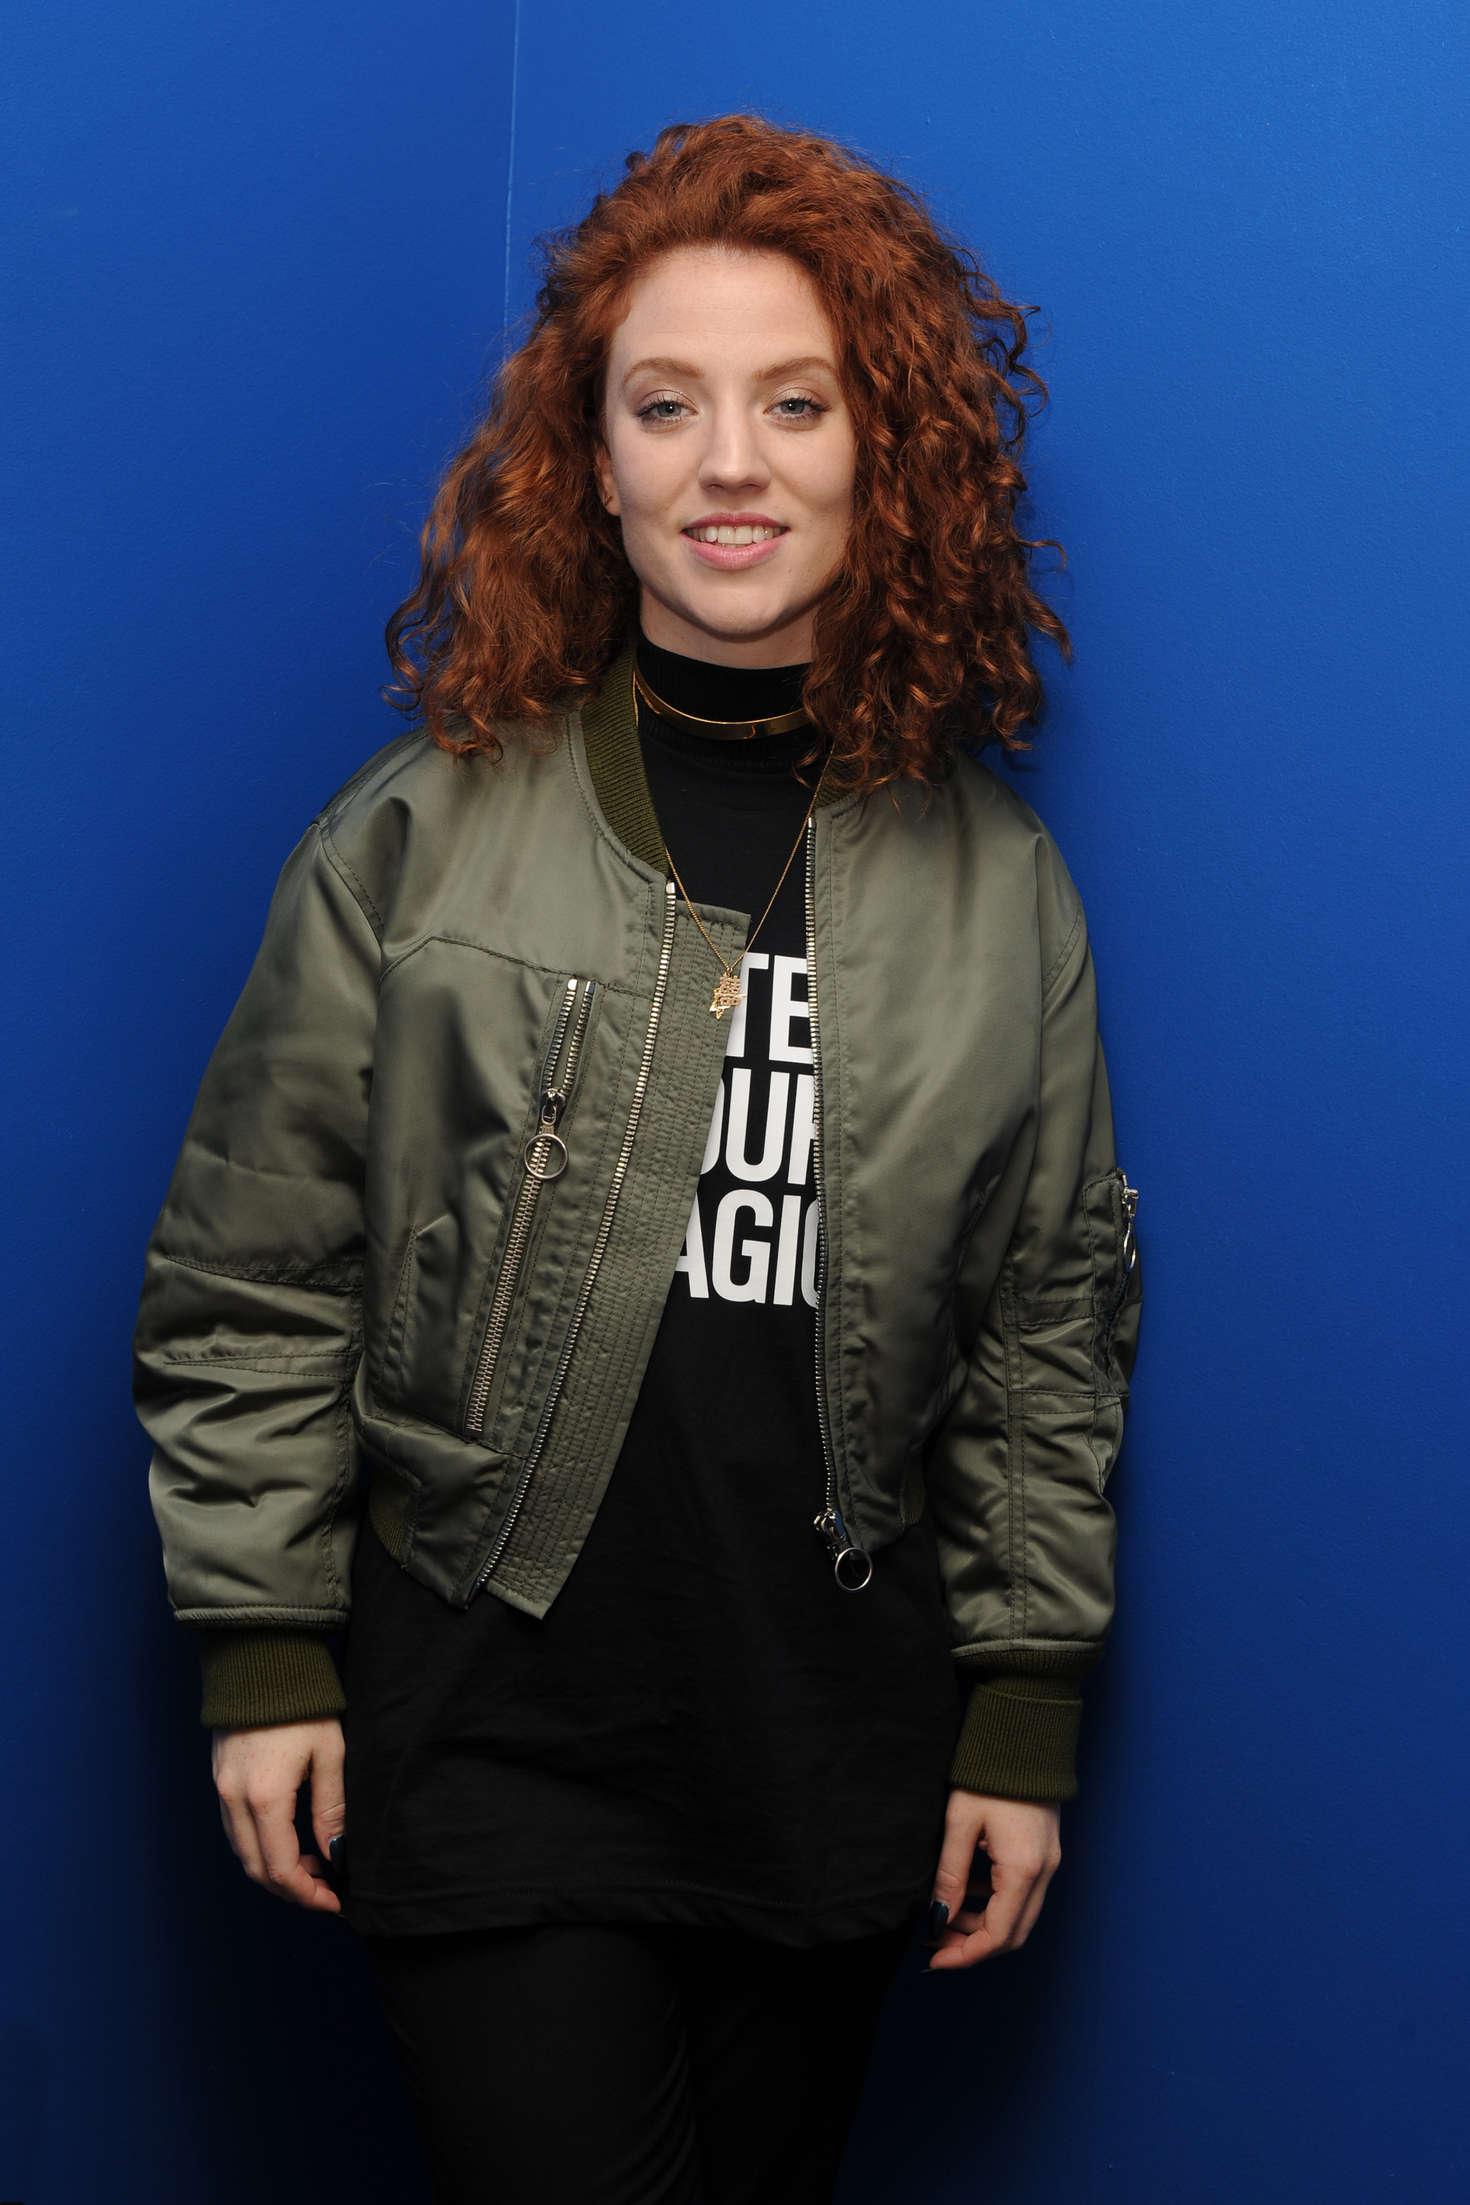 Jess Glynne Portrait at Radio Station Y- in Florida